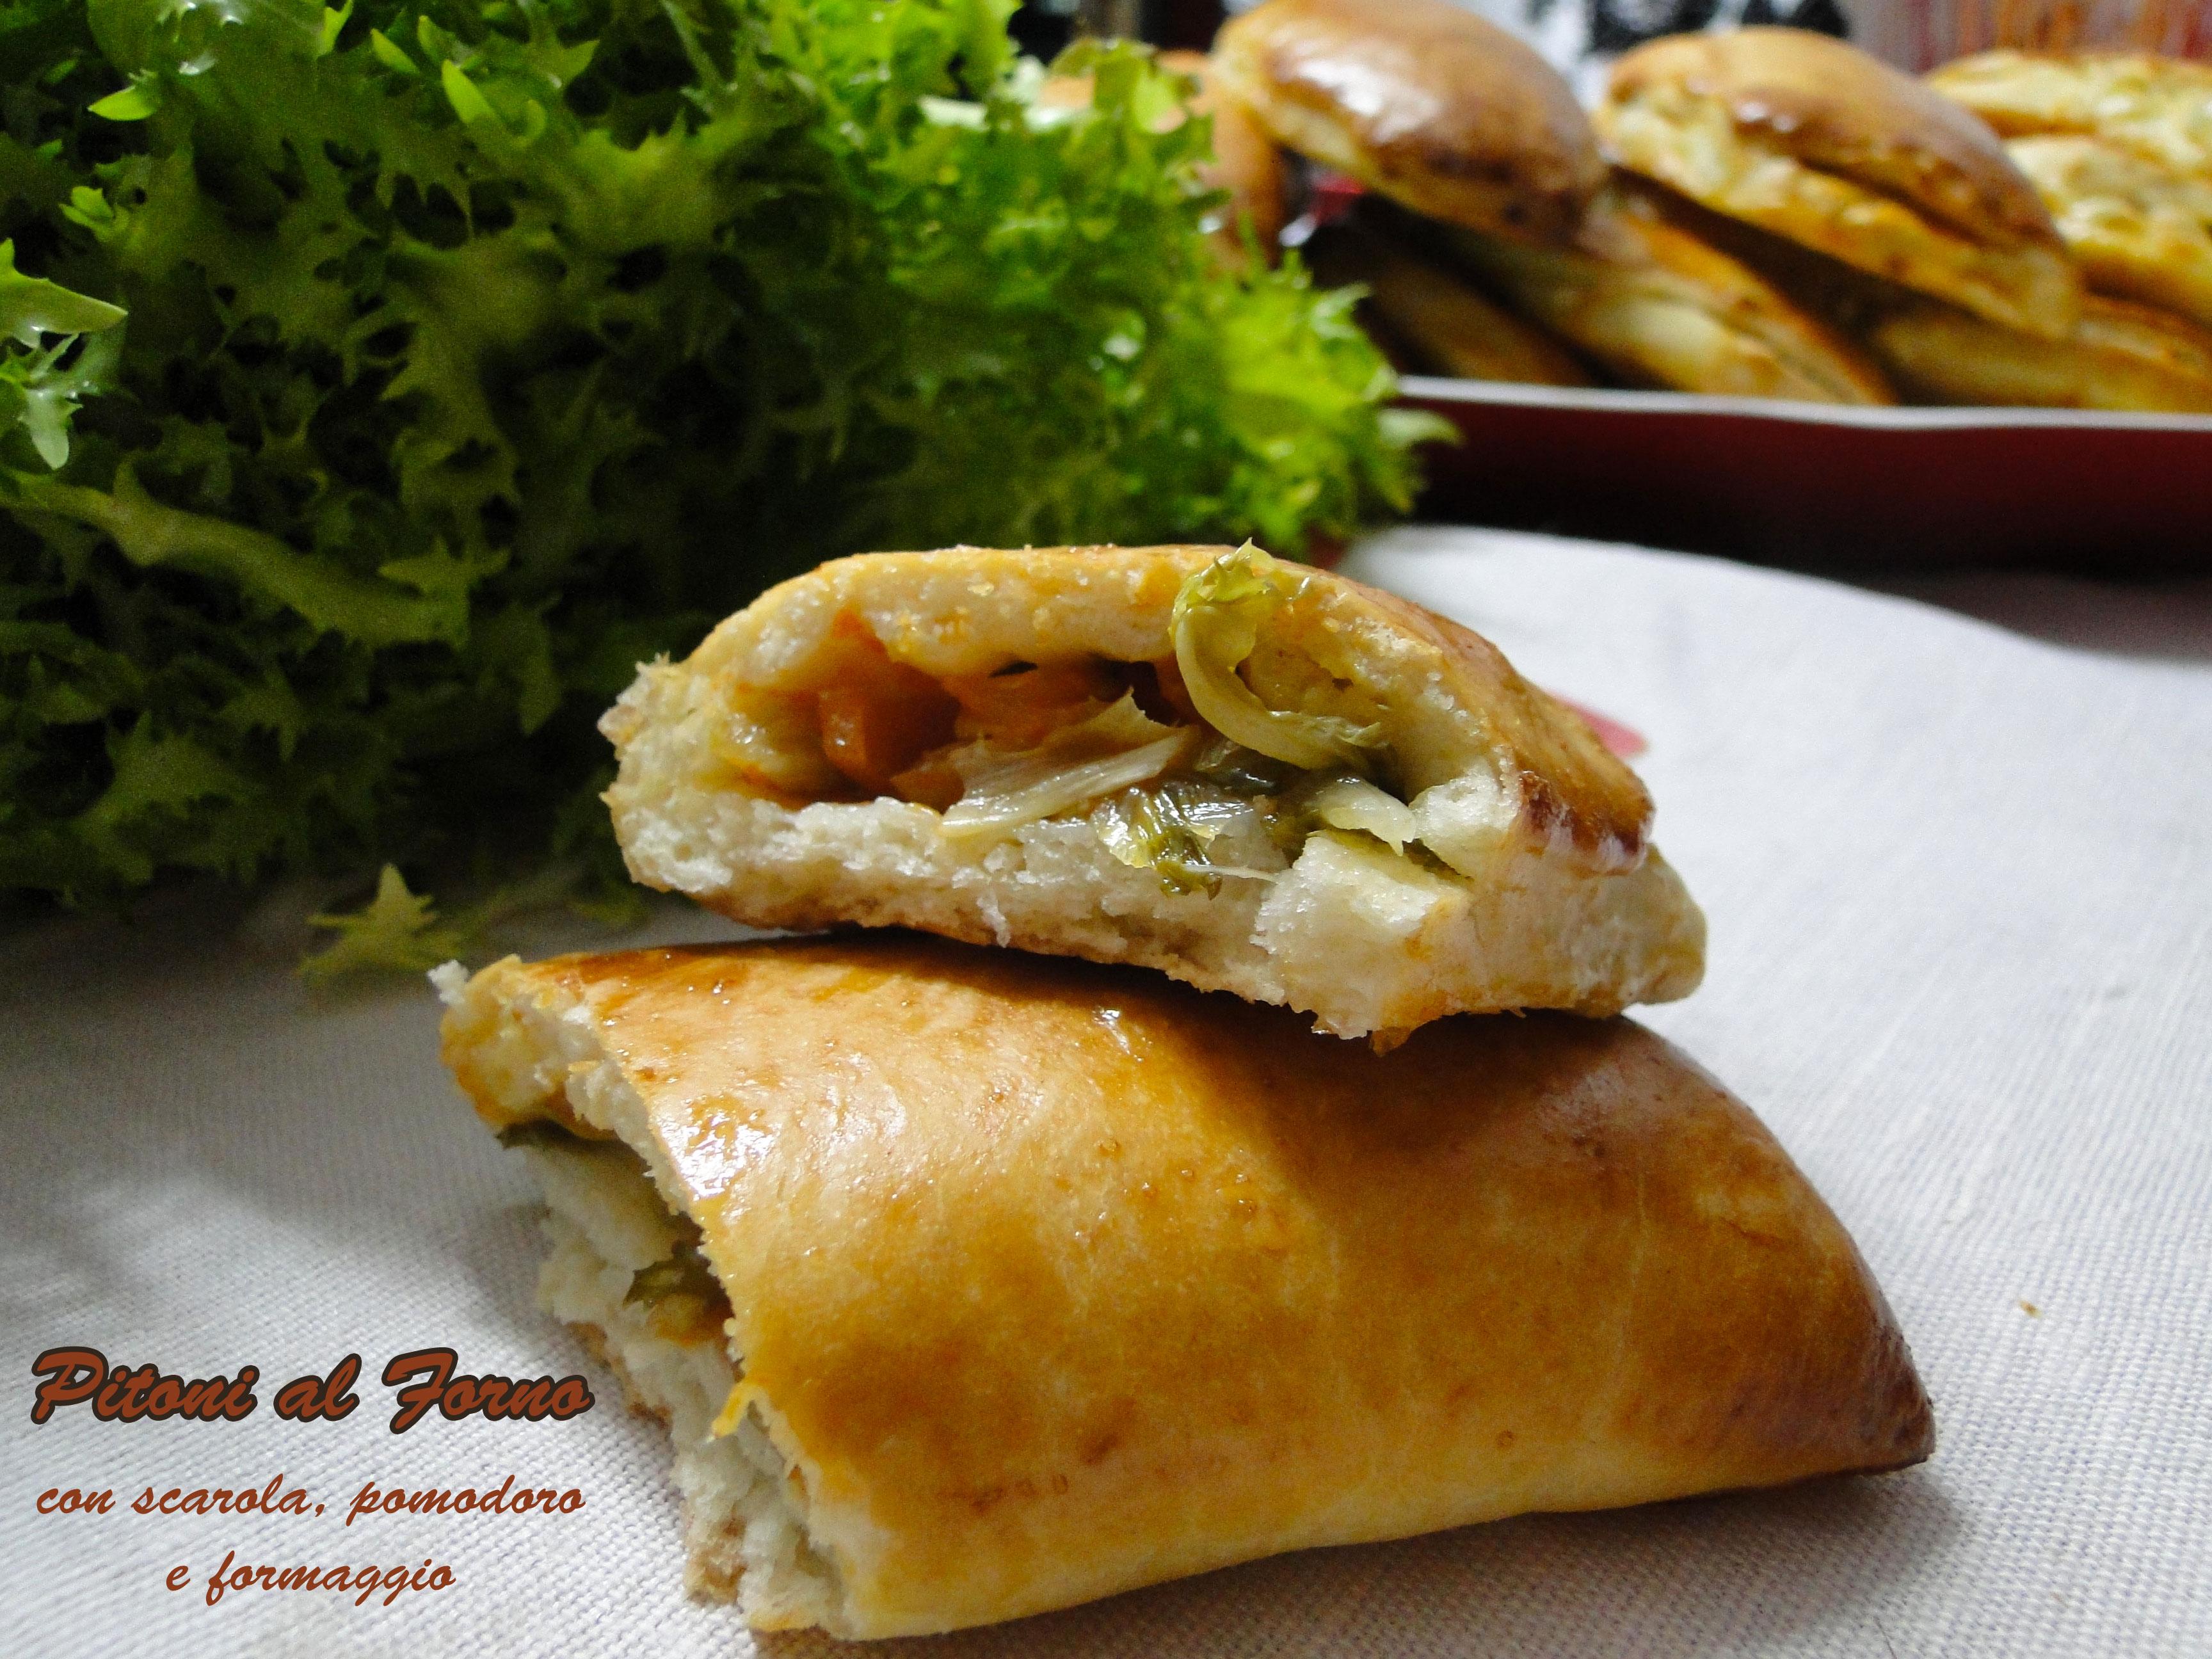 Pitoni alla Messinese al forno - Calzoni con scarola